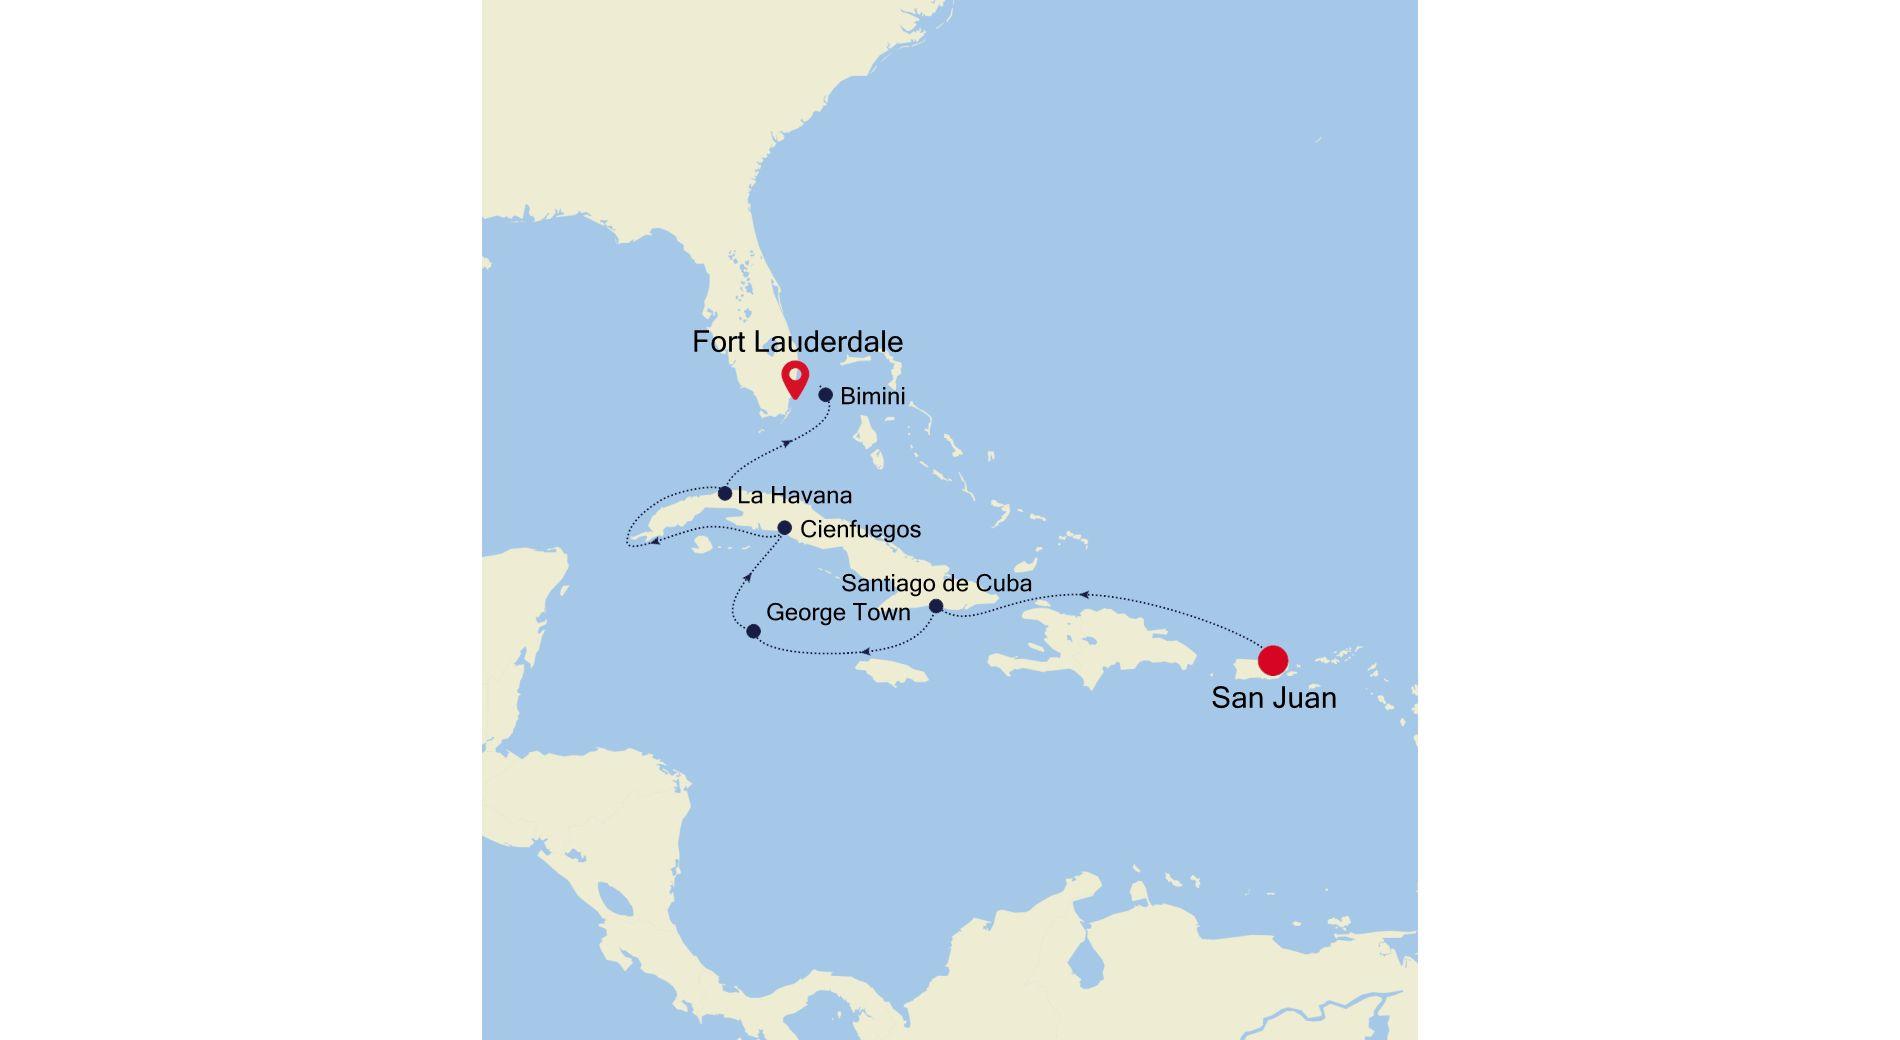 2912 - San Juan to Fort Lauderdale